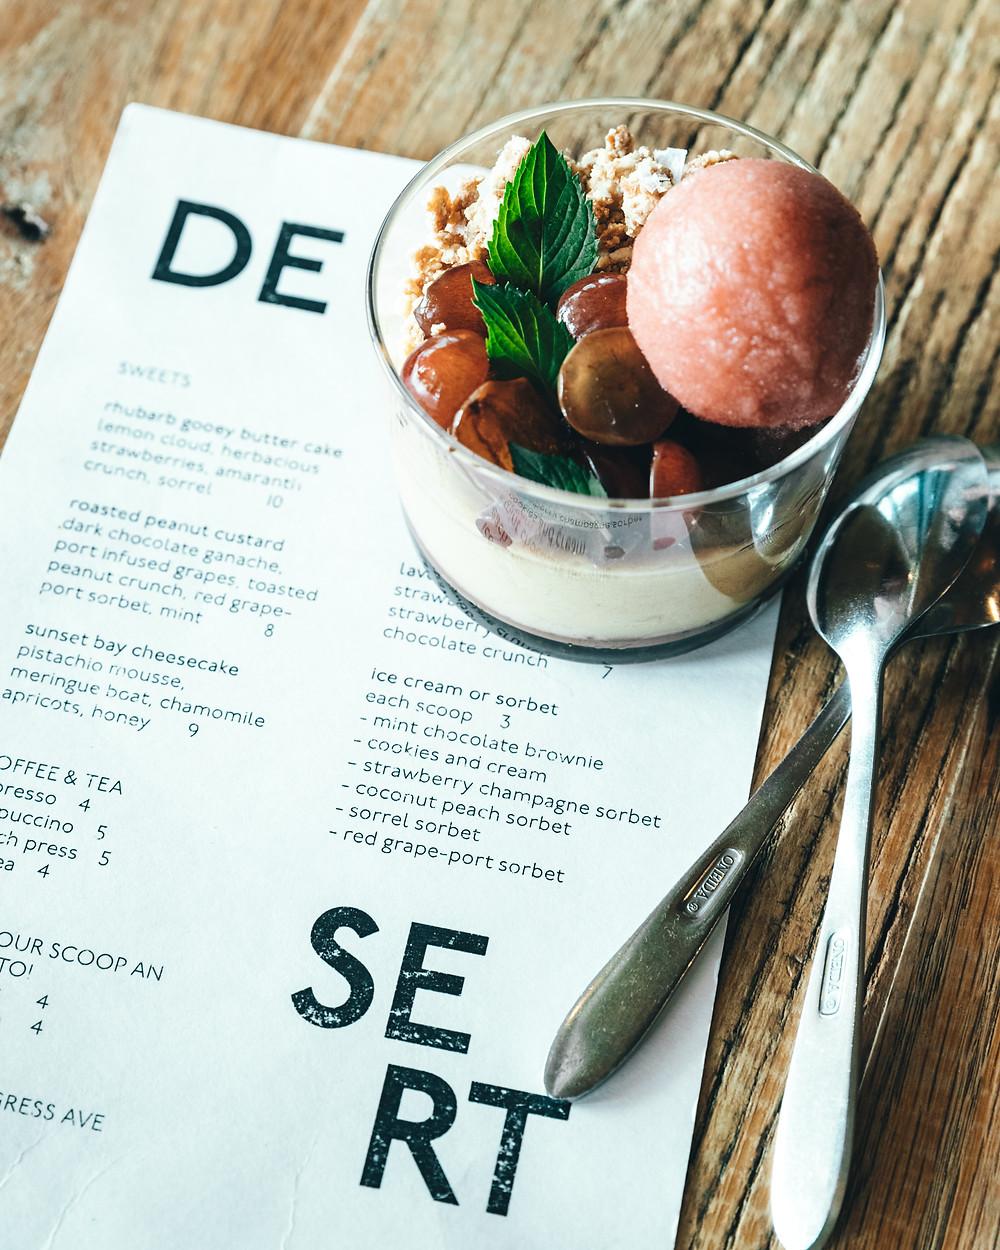 Carte des desserts d'un restaurant